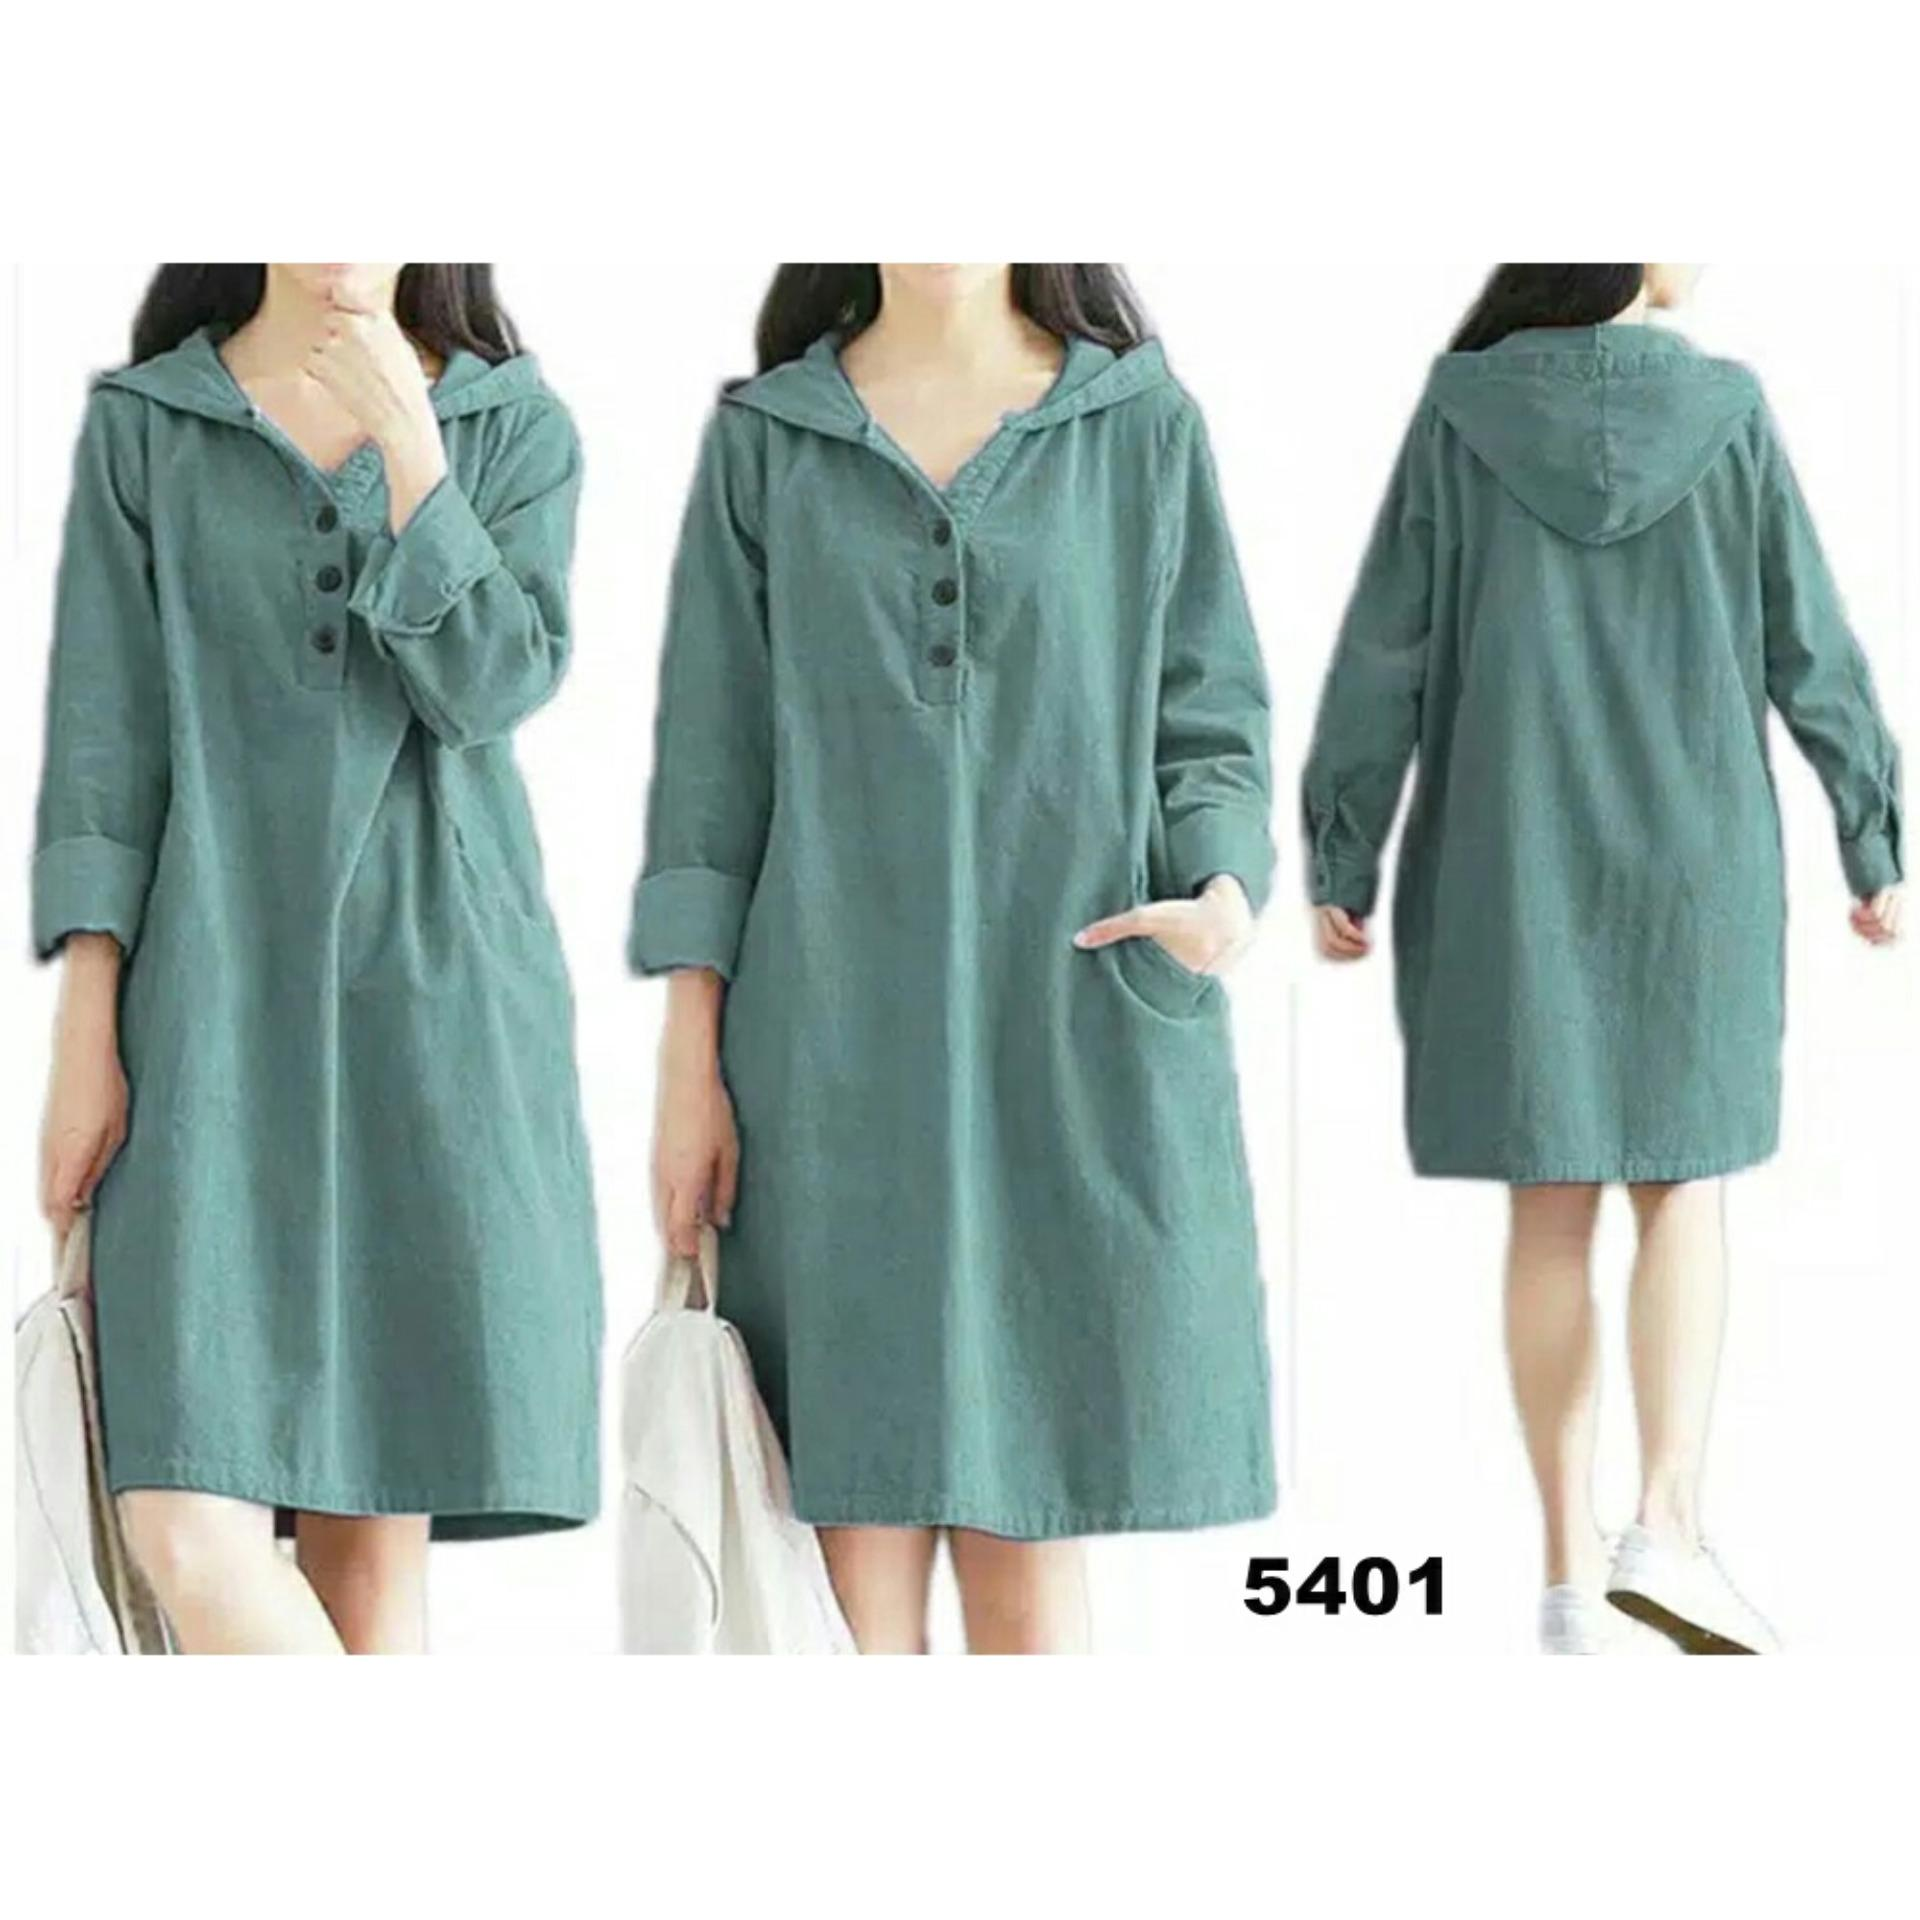 T-OS Pakaian Wanita Dress Hodie